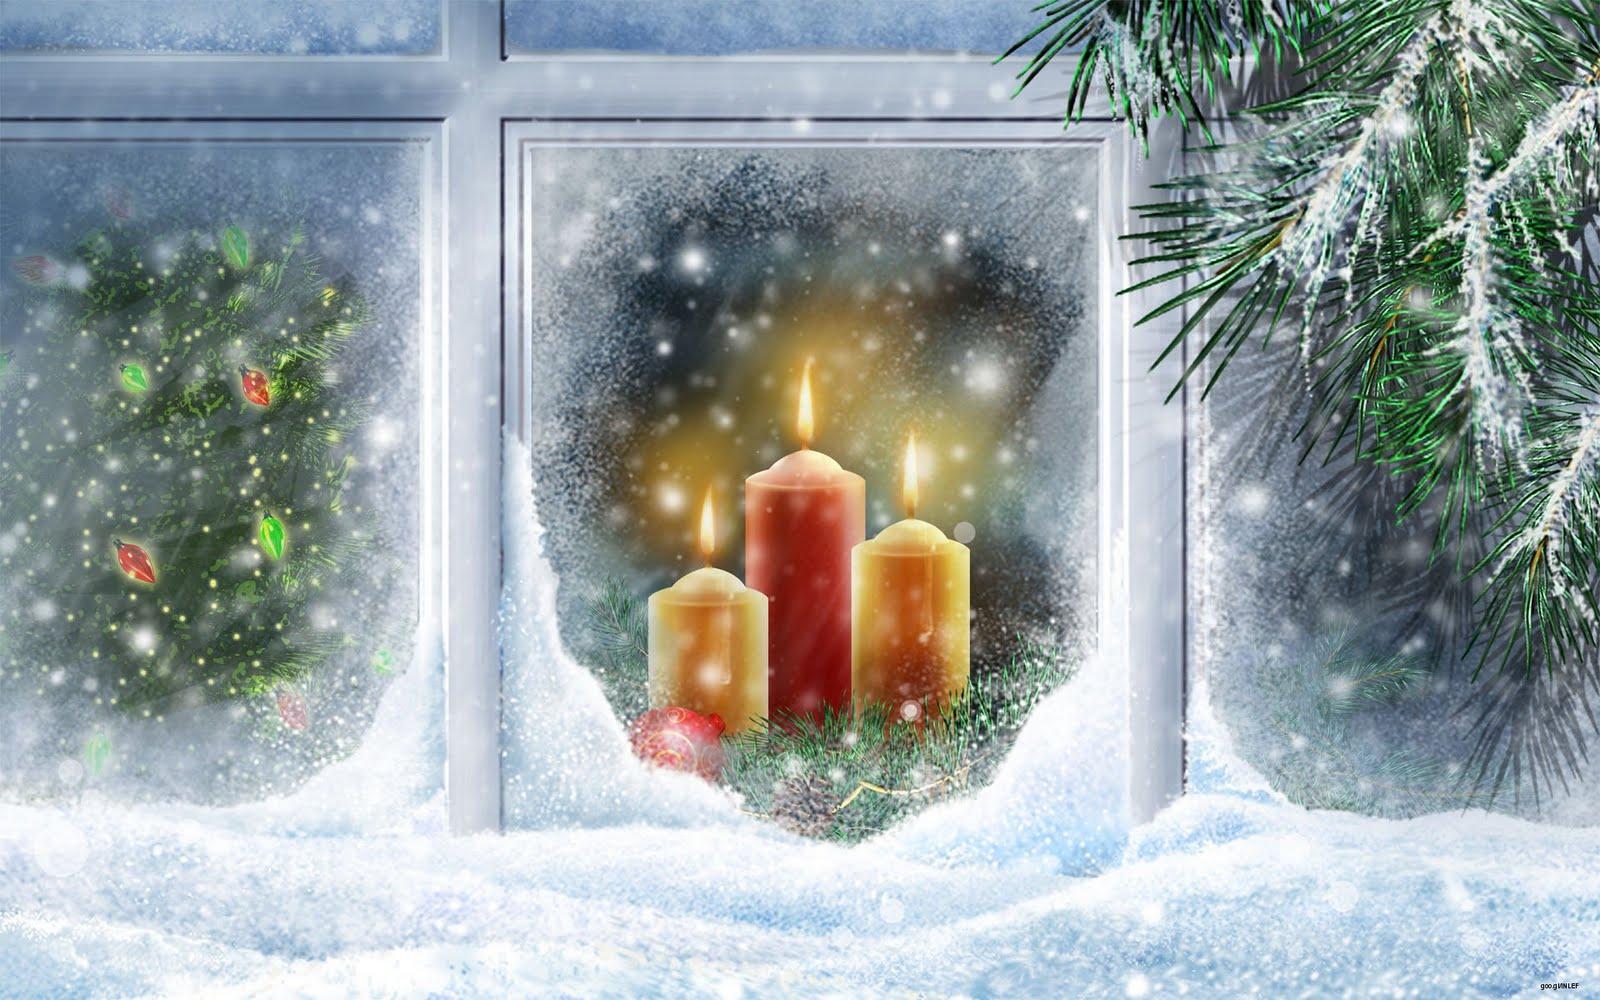 Weihnachtsbilder Kamin.Weihnachtsbilder Hintergrundbilder